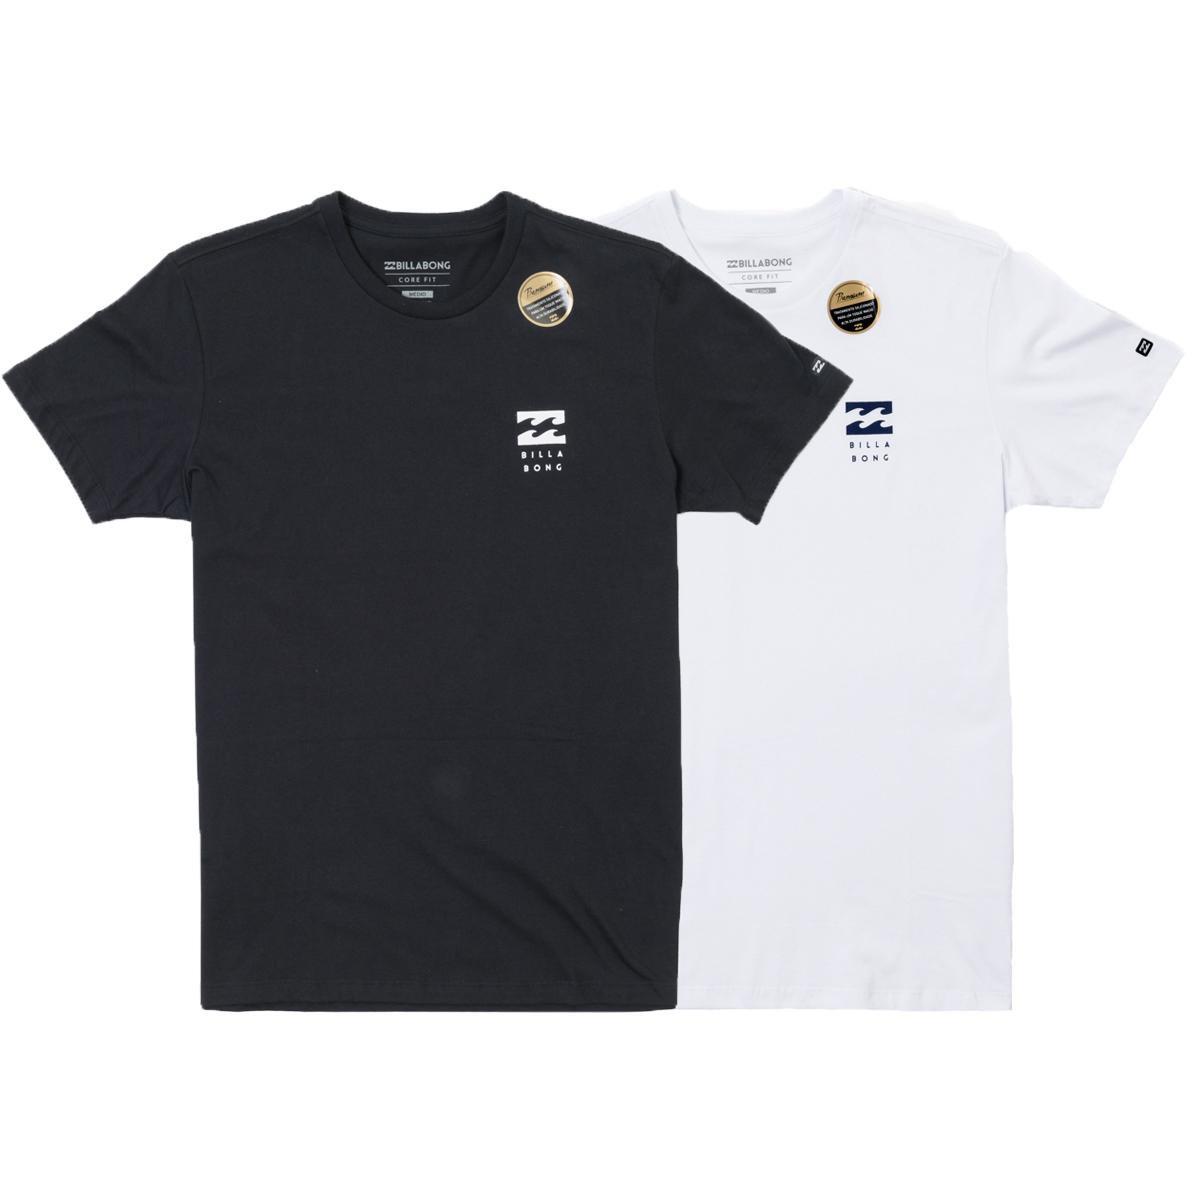 6ac914e4c58d6 Kit Camiseta Billabong 2 Peças D Bah Masculina - Compre Agora